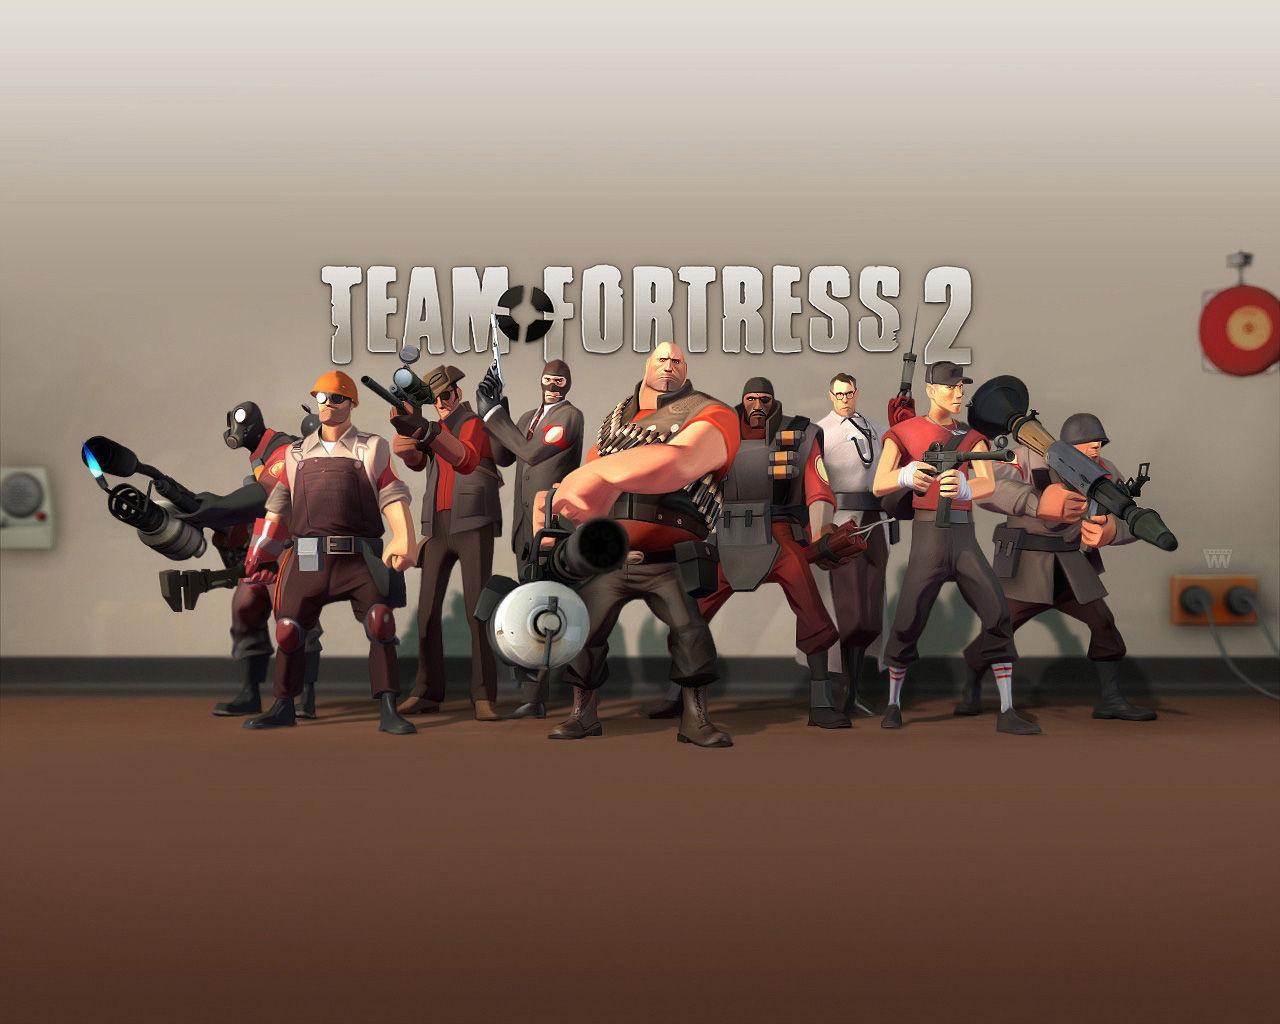 Comencemos con una sencilla : ¿En qué día fue lanzado nuestro juego favorito,Team Fortress 2?